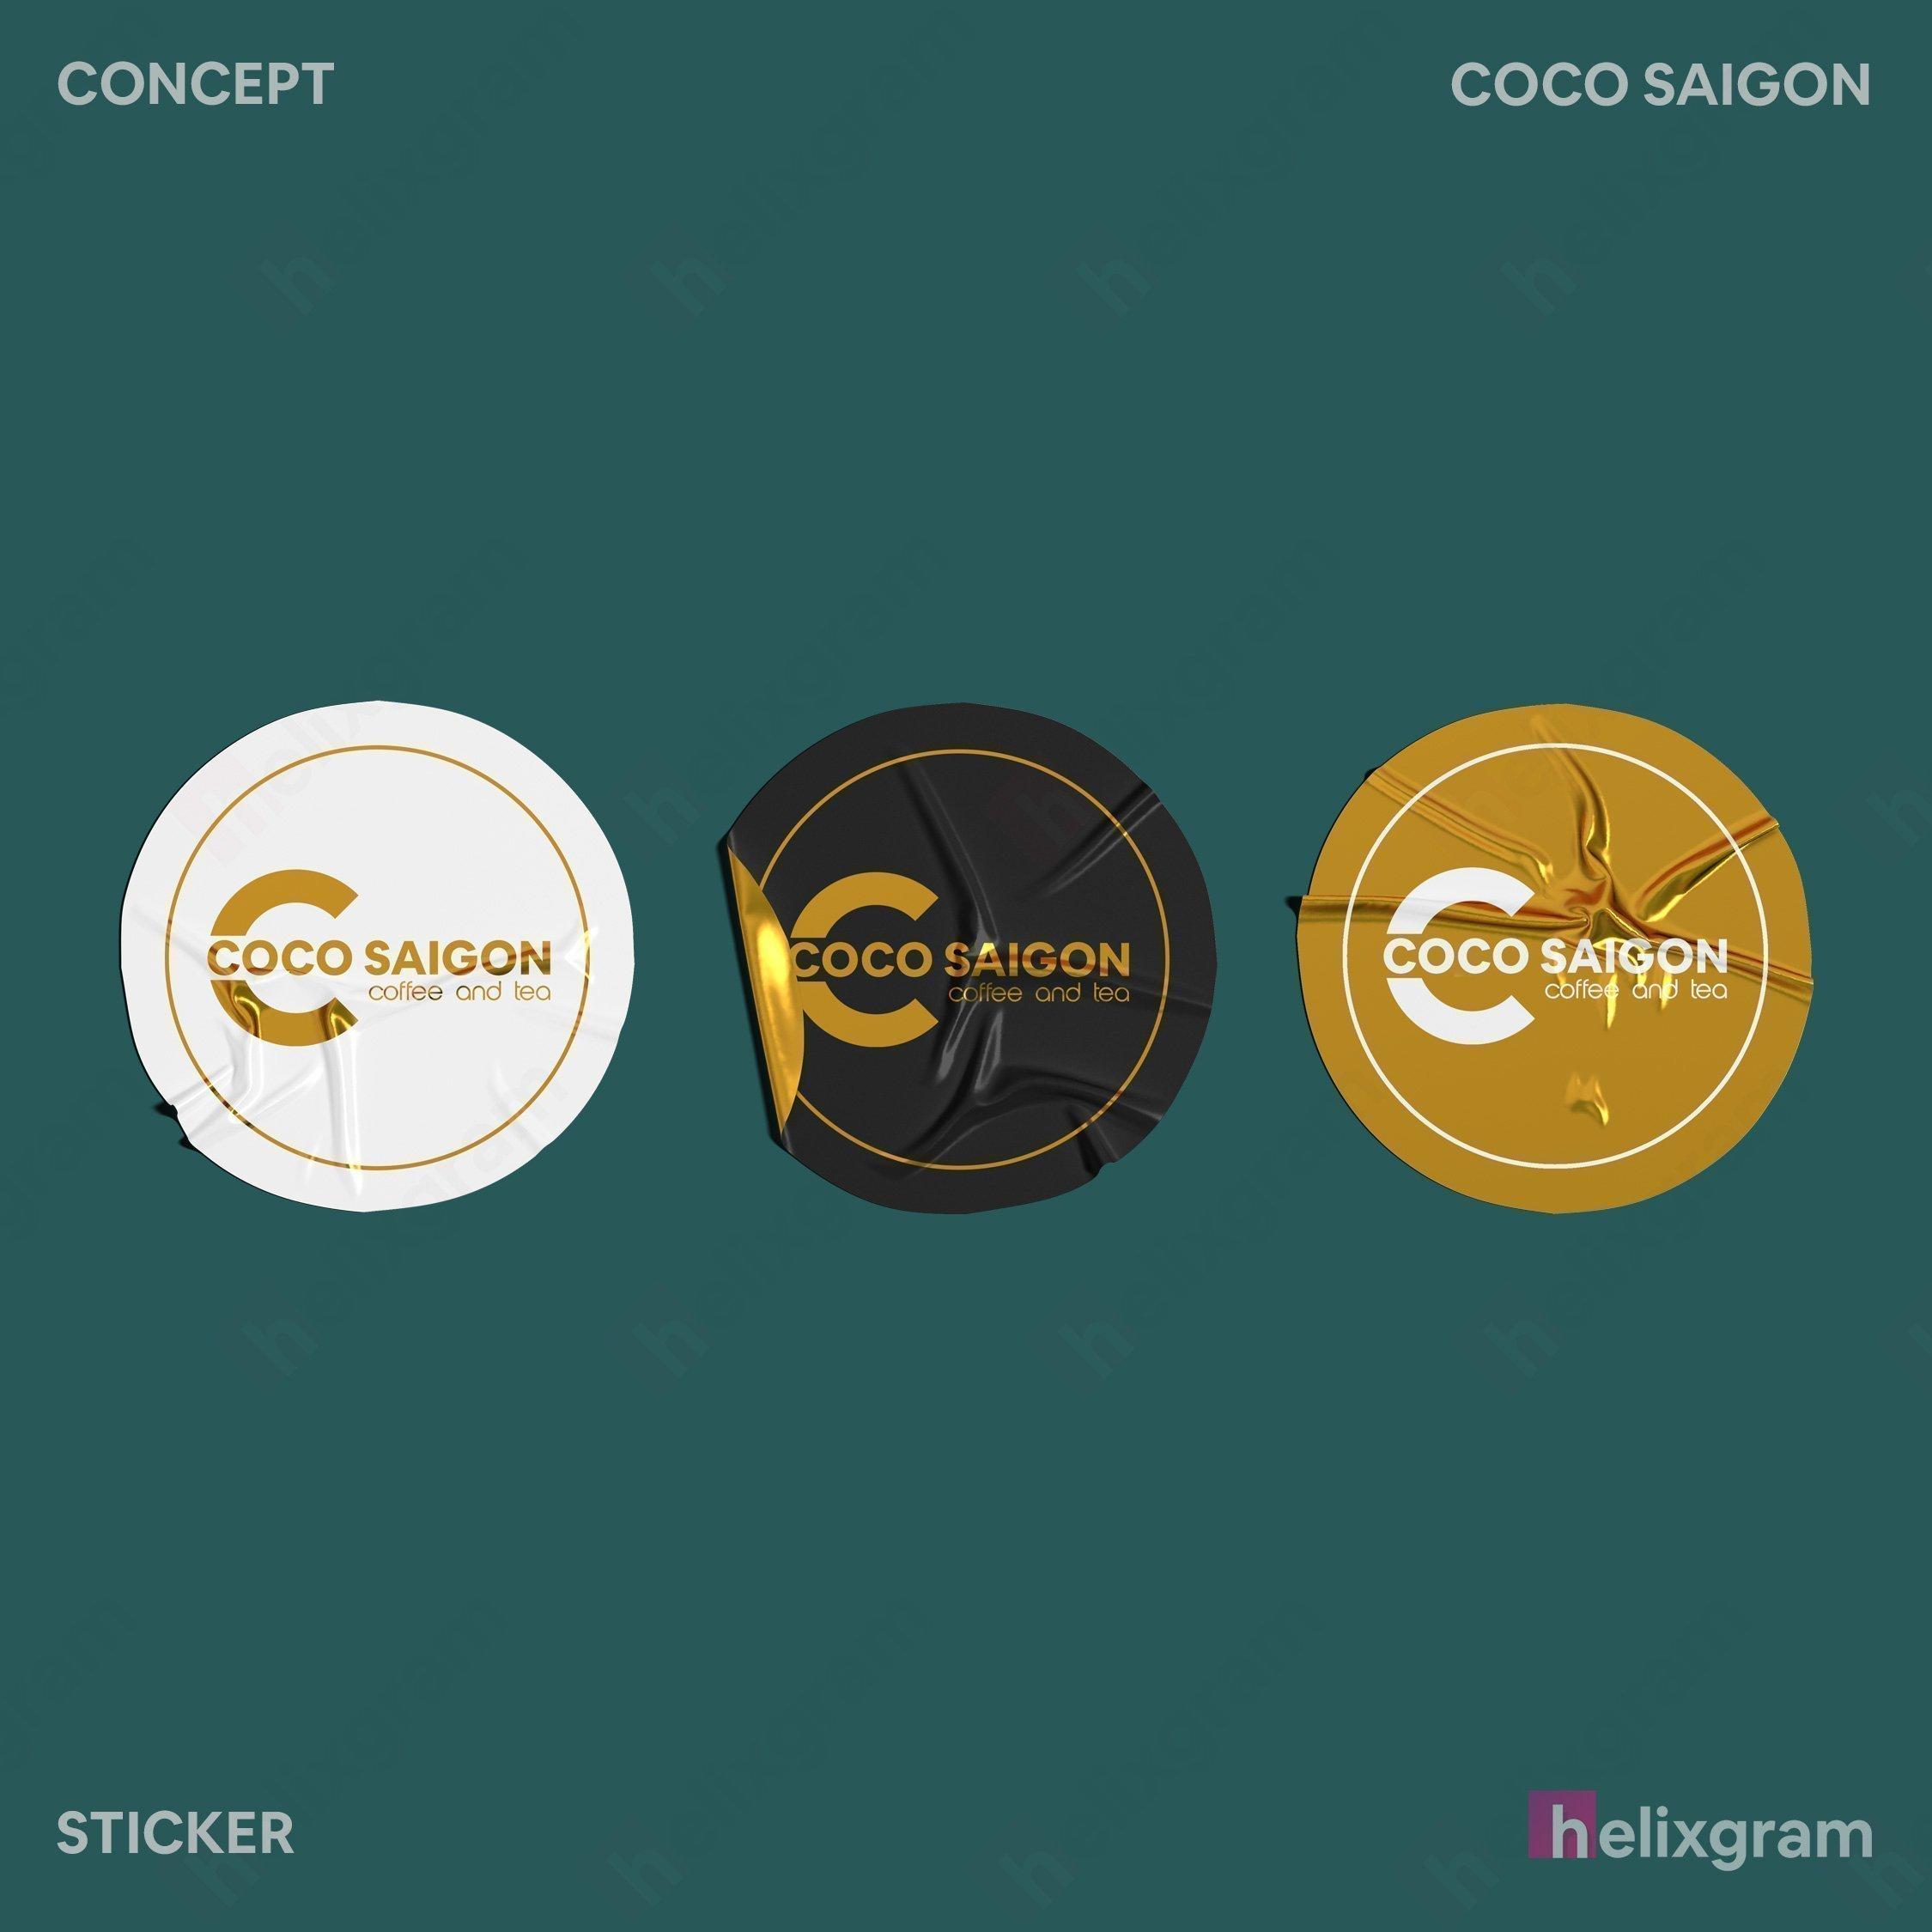 Nhận diện thương hiệu coffee Coco Sài Gòn Thiết kế thương hiệu thiết kế Logo ấn phẩm truyền thông quảng cáo thiết kế website in ấn chất lượng cao Saigon Helixgram Design decal dán sticker nhãn